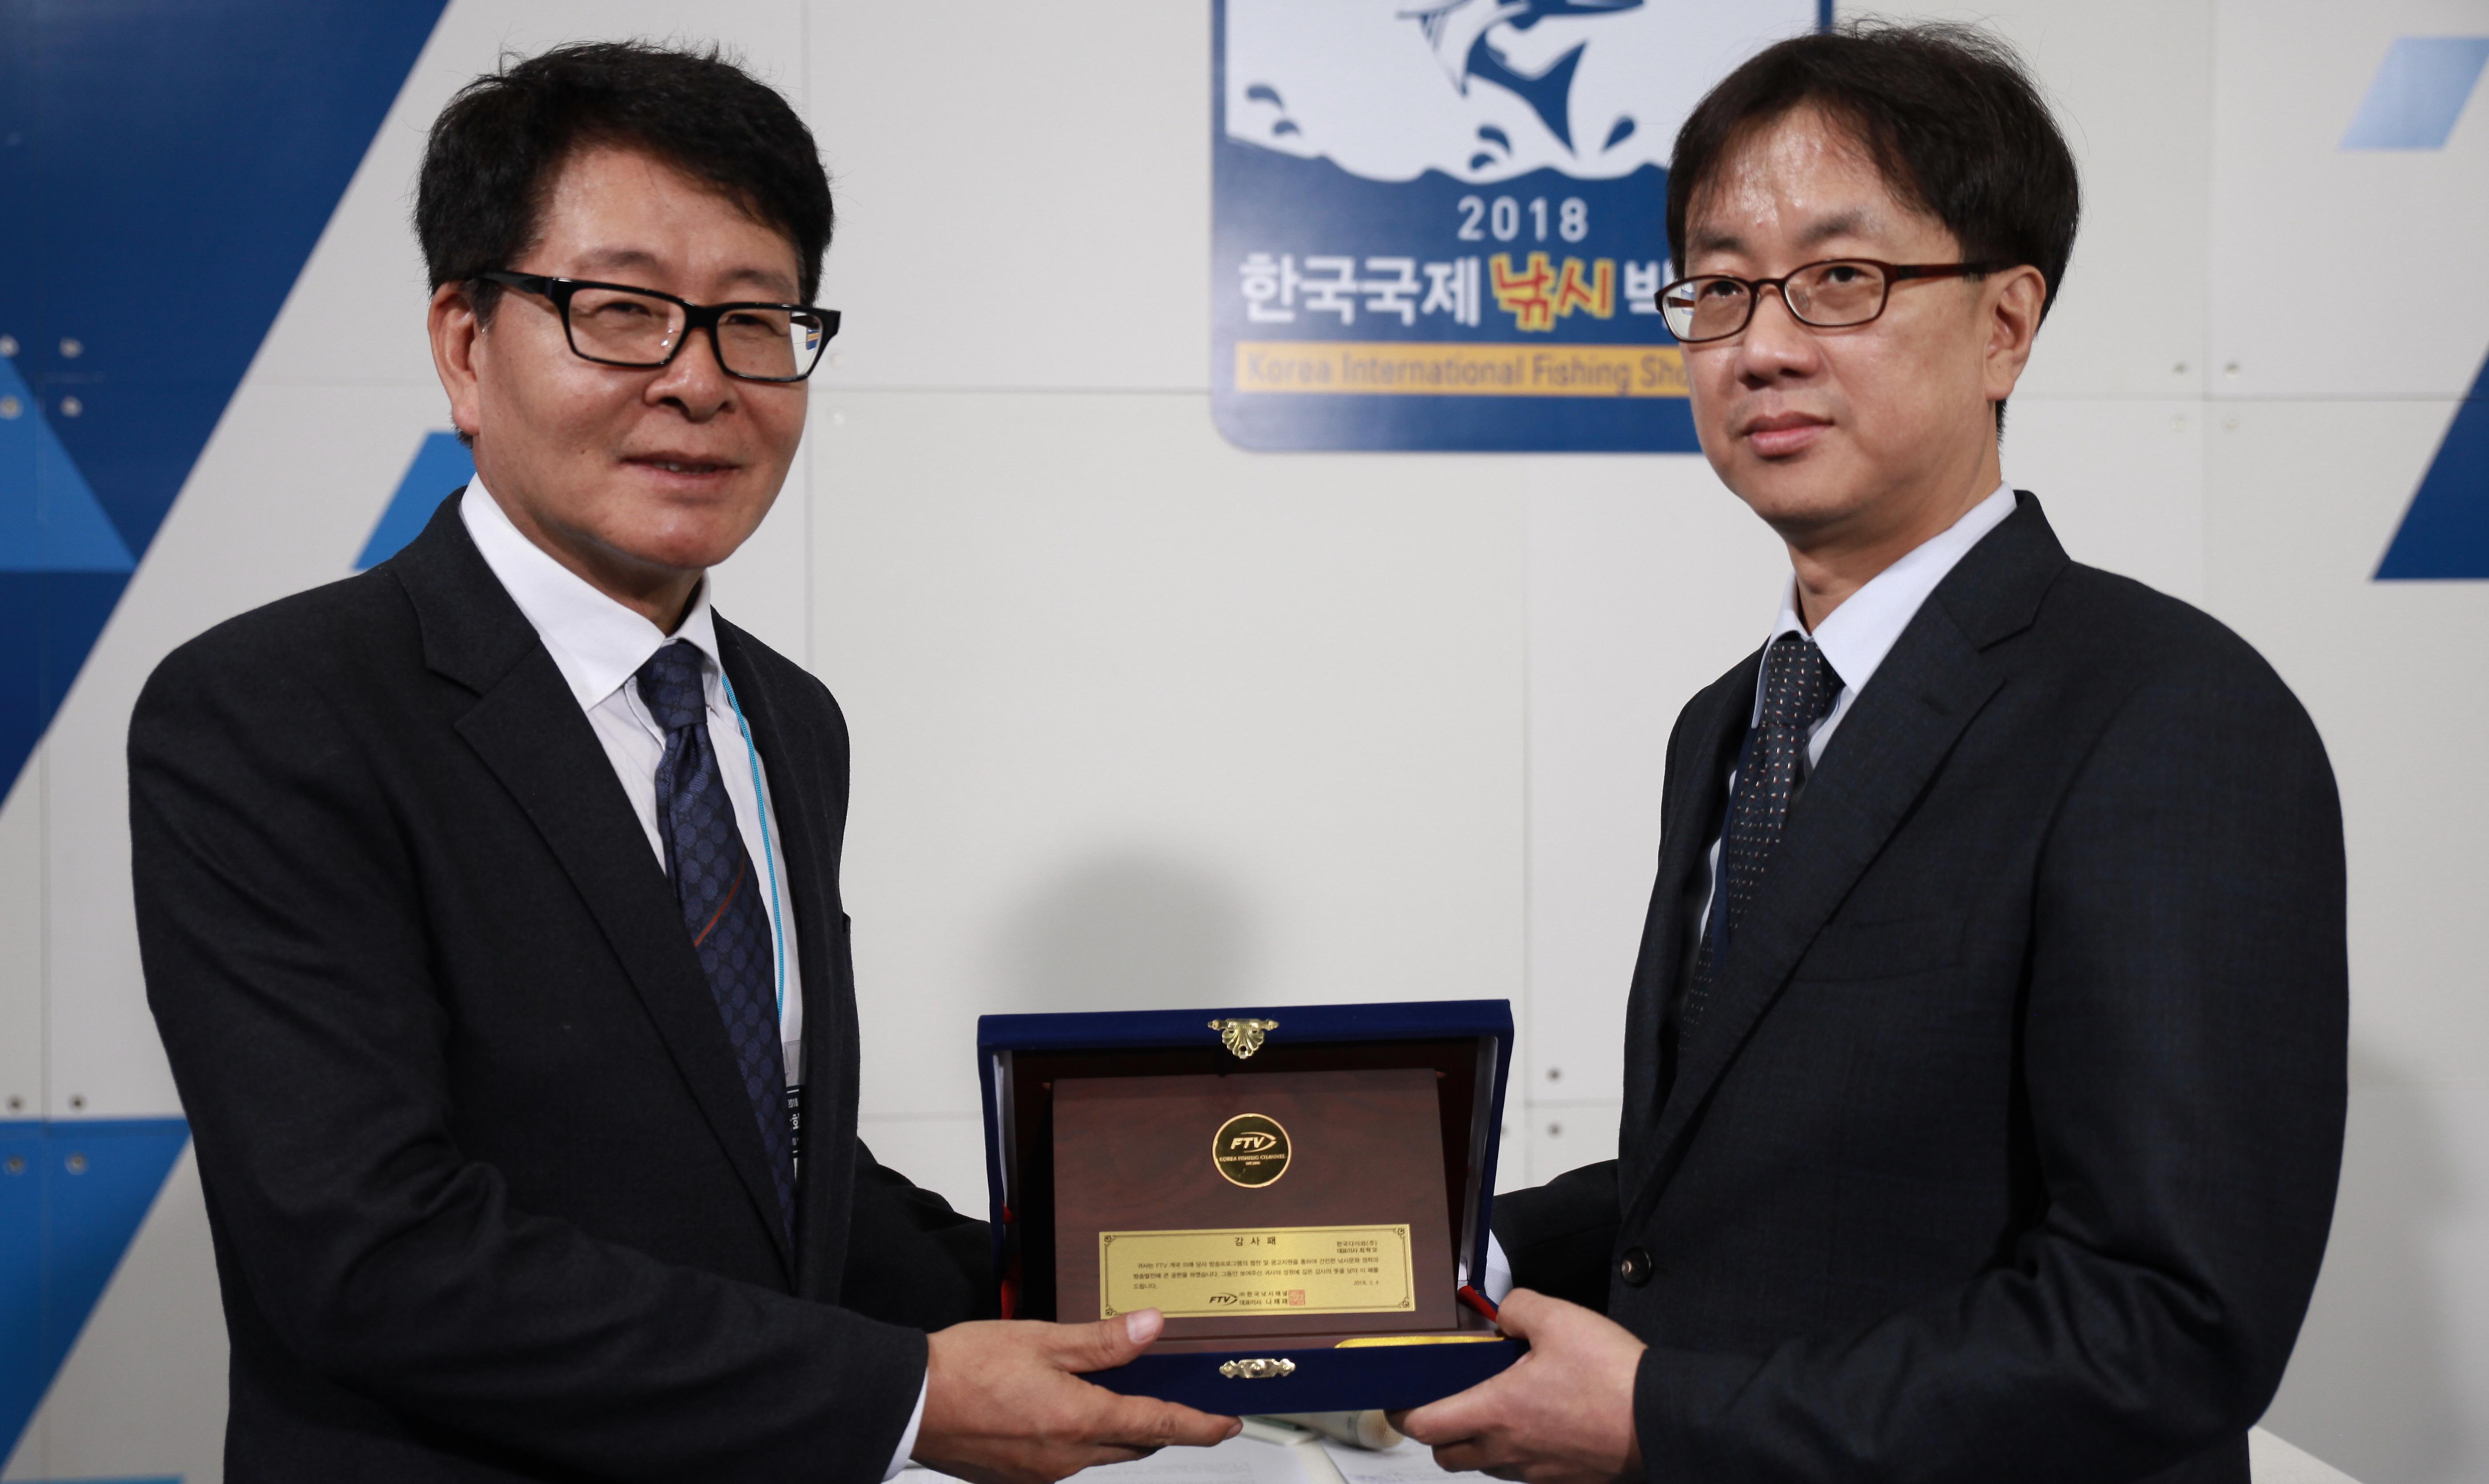 [포토] 한국다이와 최학모 대표, '2018한국국제낚시박람회'서 FTV로부터 감사패 수여